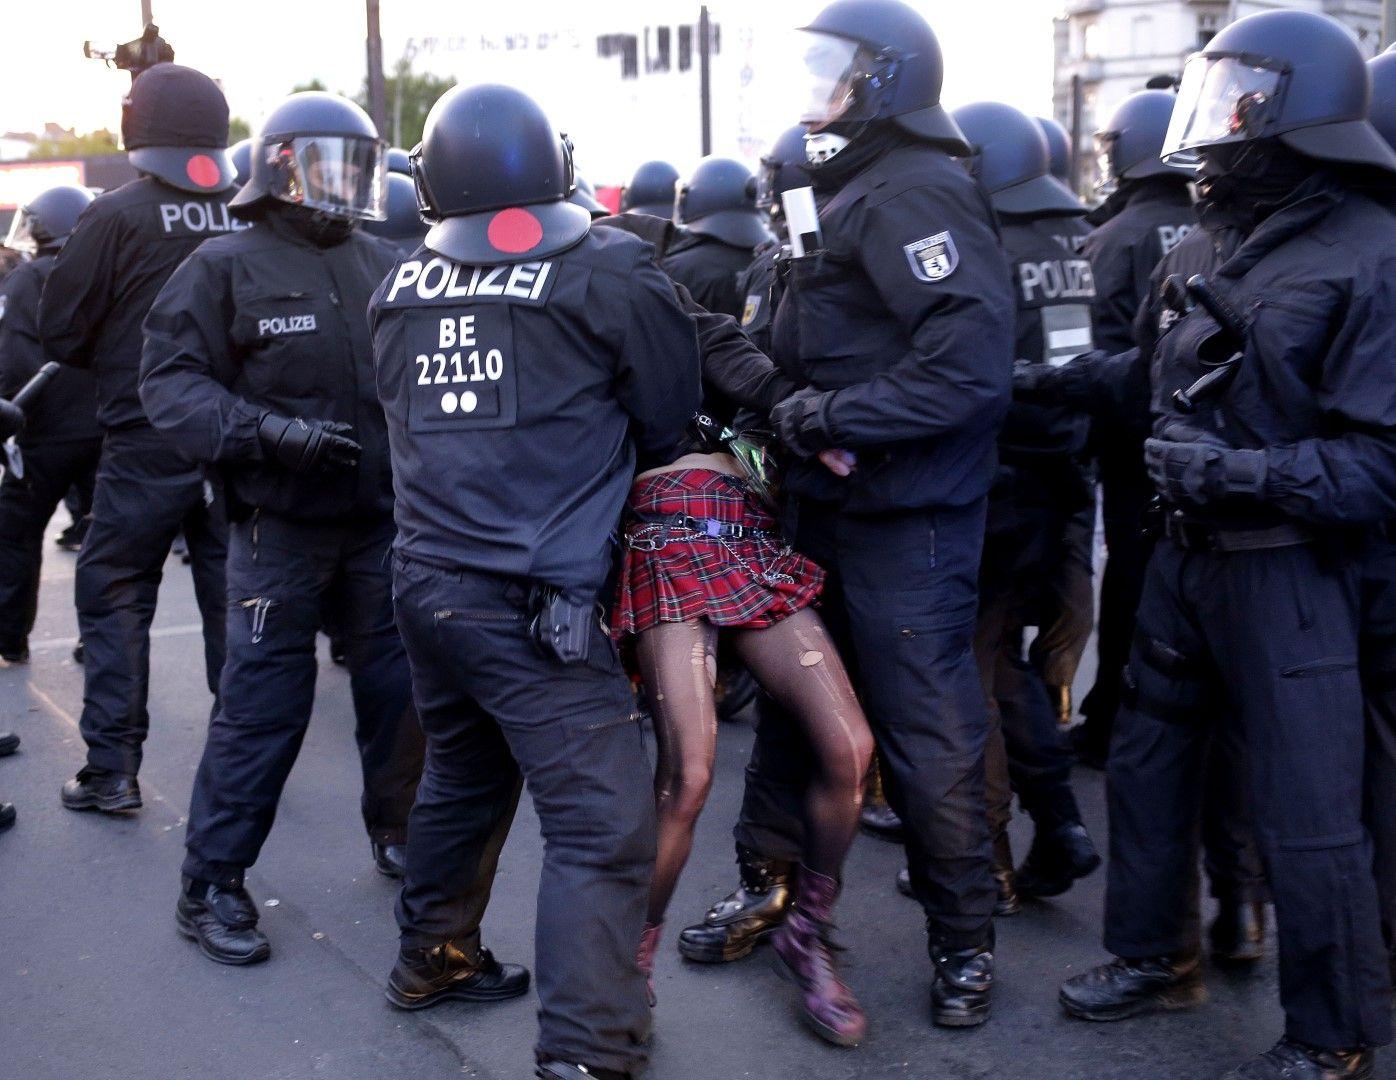 Арест на млада жена по време на първомайската демонстрация в Берлин